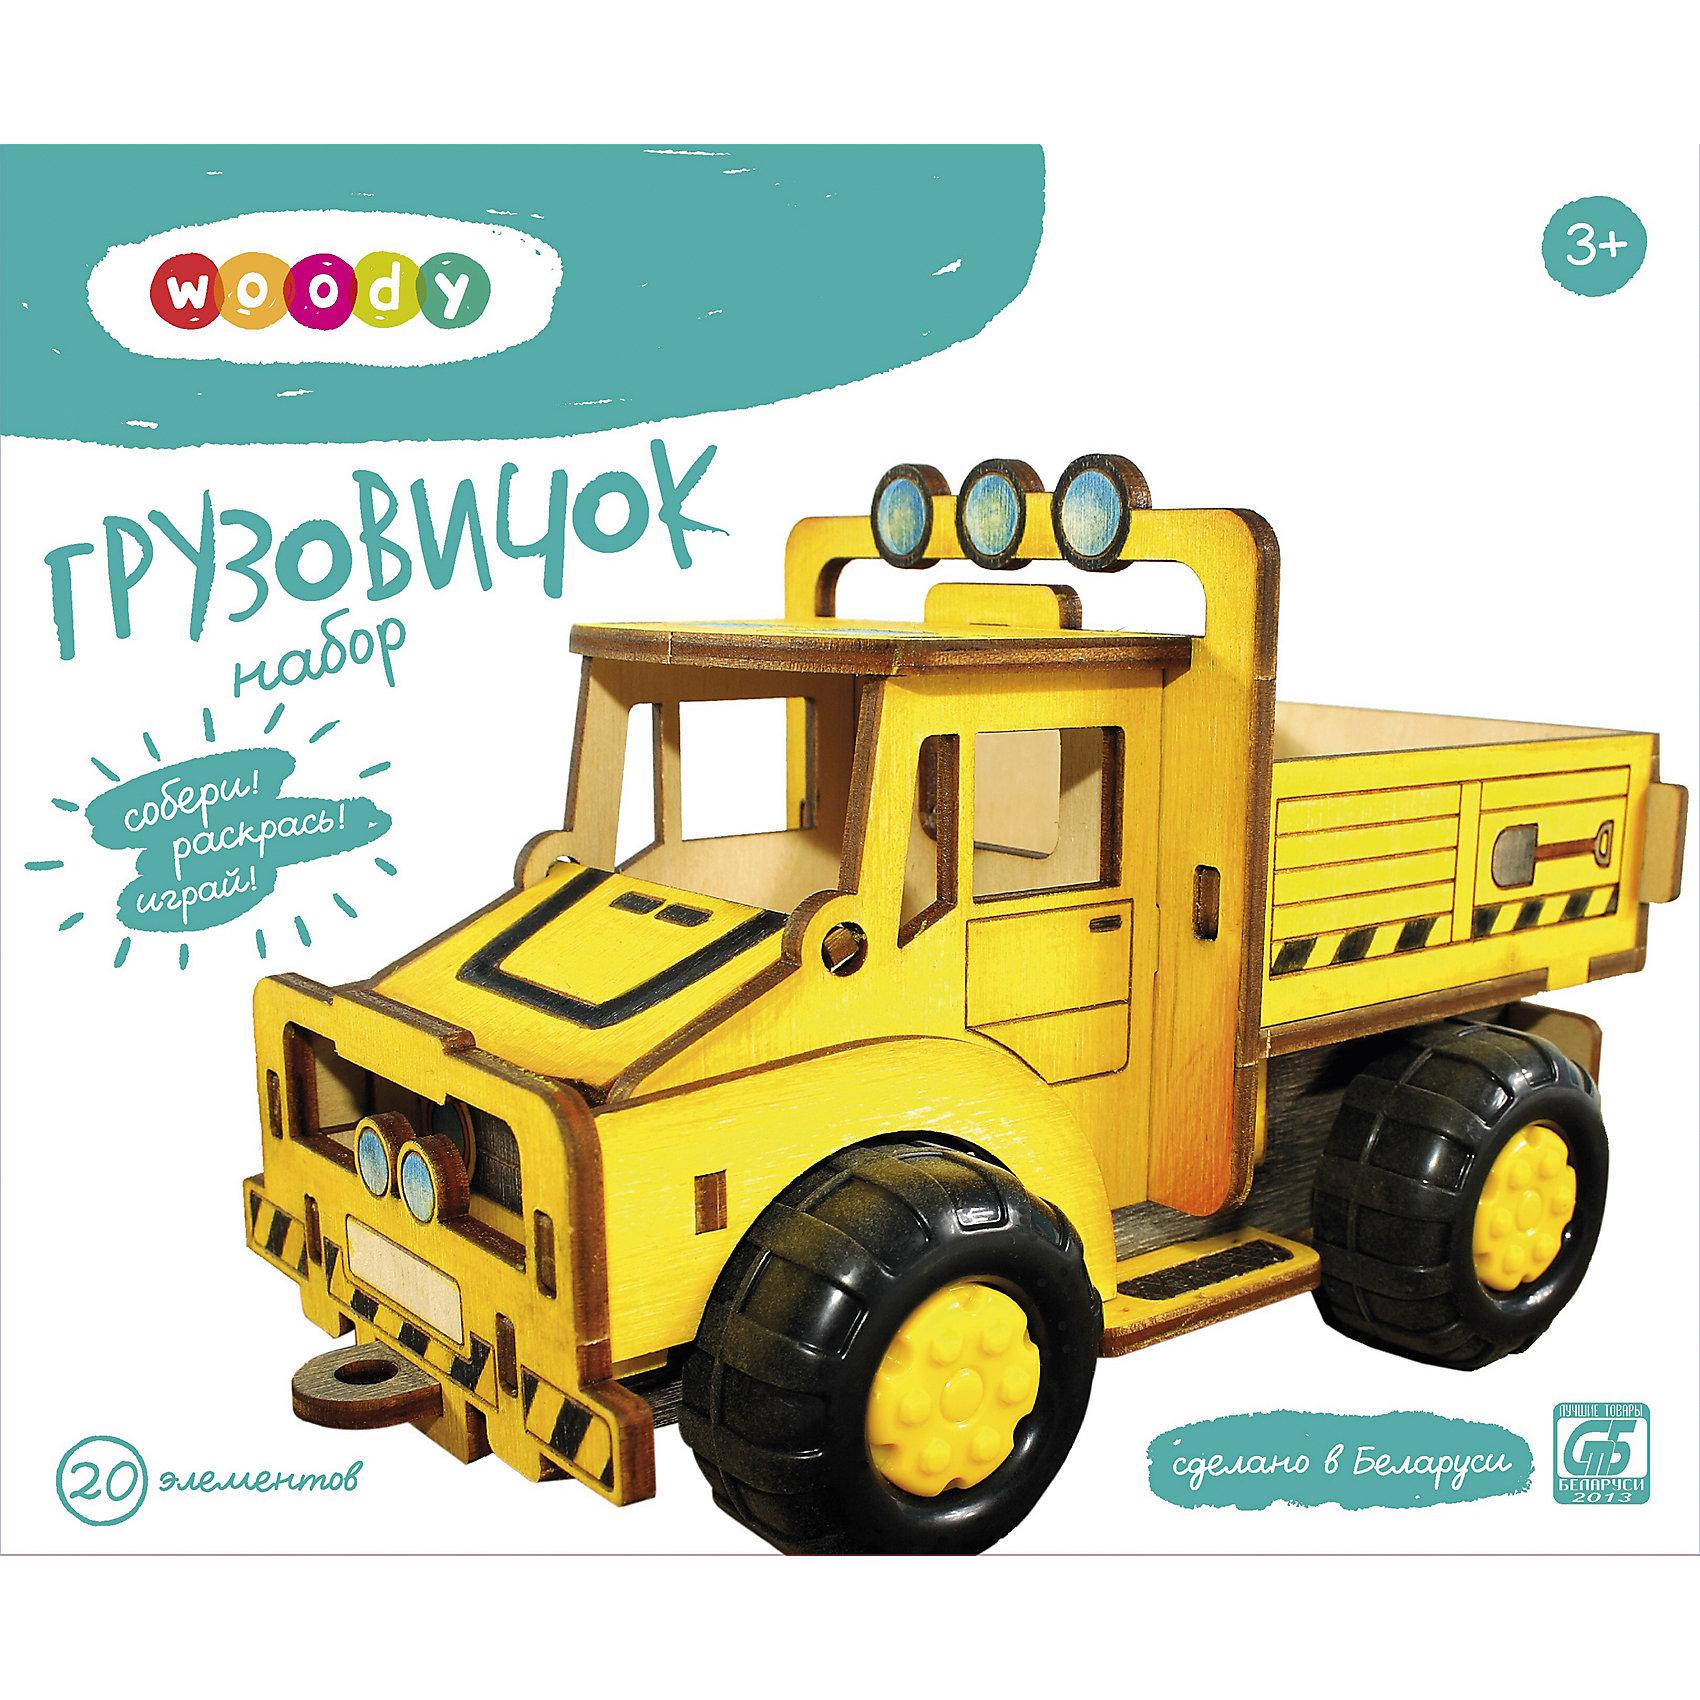 Набор ГрузовичокДеревянные конструкторы<br>Ребенок постоянно чему-то учится, сделать процесс познавания мира для малышей - просто! Интересная обучающая игрушка Грузовичок - это деревянный пазл в виде машины, он поможет ребенку научиться сопоставлять детали.<br>Этот объемный пазл обязательно займет ребенка! Игра с ним помогает детям развивать мелкую моторику и познавать мир, также его можно раскрасить по своему усмотрению. Обучающая игрушка сделана из качественных и безопасных для ребенка материалов - натурального дерева.<br><br>Дополнительная информация:<br><br>цвет: дерево;<br>размер упаковки: 22,5 х 30,5 х 6,5 см;<br>вес: 395 г;<br>элементов: 20;<br>материал: дерево.<br><br>Набор Грузовичок можно купить в нашем магазине.<br><br>Ширина мм: 280<br>Глубина мм: 65<br>Высота мм: 235<br>Вес г: 395<br>Возраст от месяцев: 36<br>Возраст до месяцев: 2147483647<br>Пол: Унисекс<br>Возраст: Детский<br>SKU: 4916352